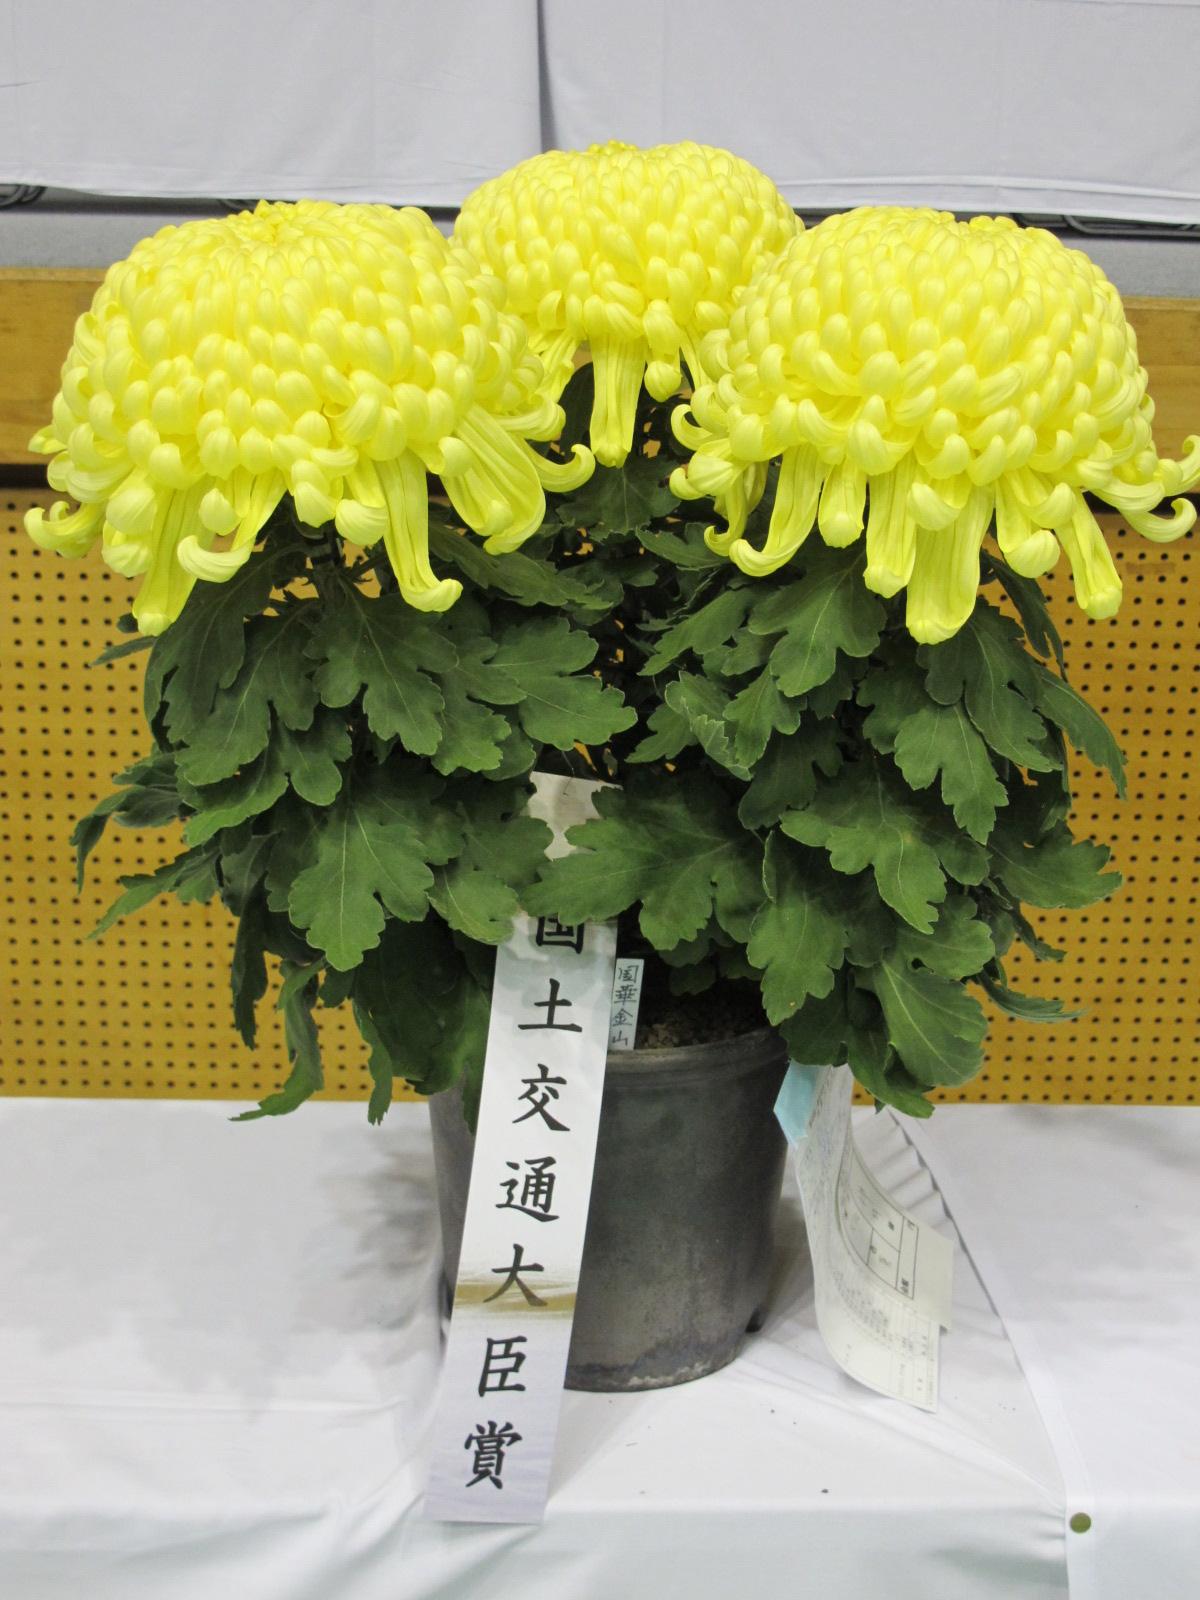 第100回 南陽の菊まつり展(6)_c0075701_1731468.jpg